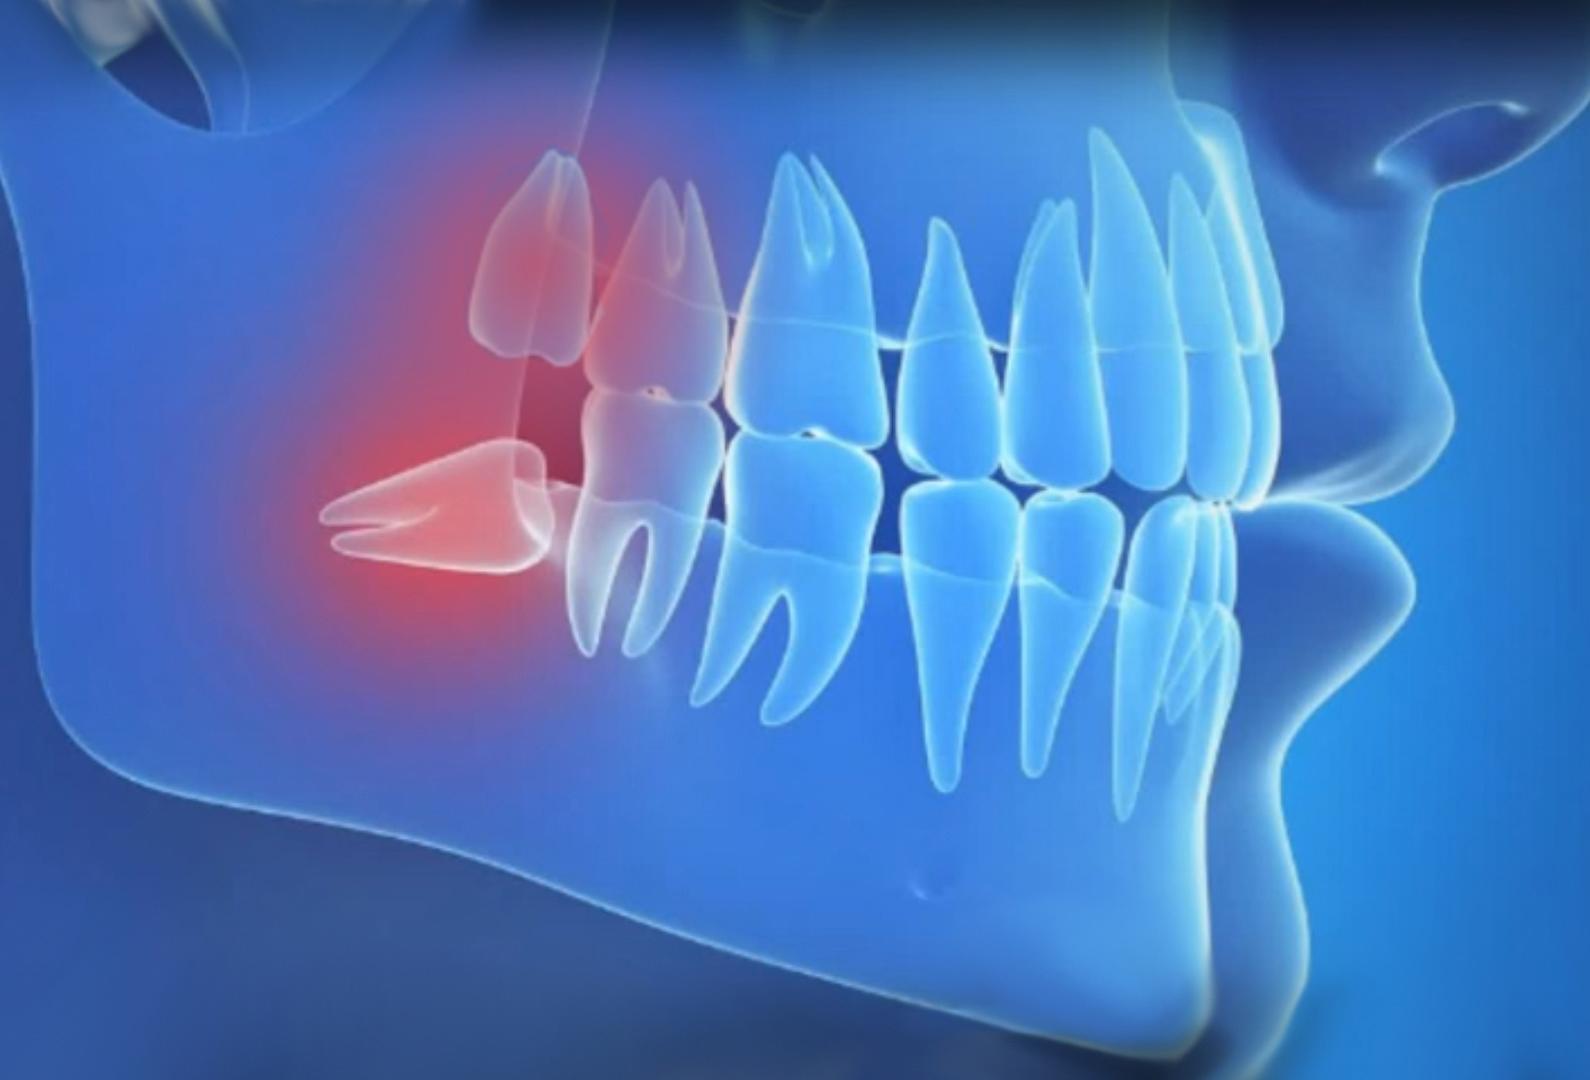 Warum verhält sich ein Weisheitszahn anders als alle anderen Zähne?